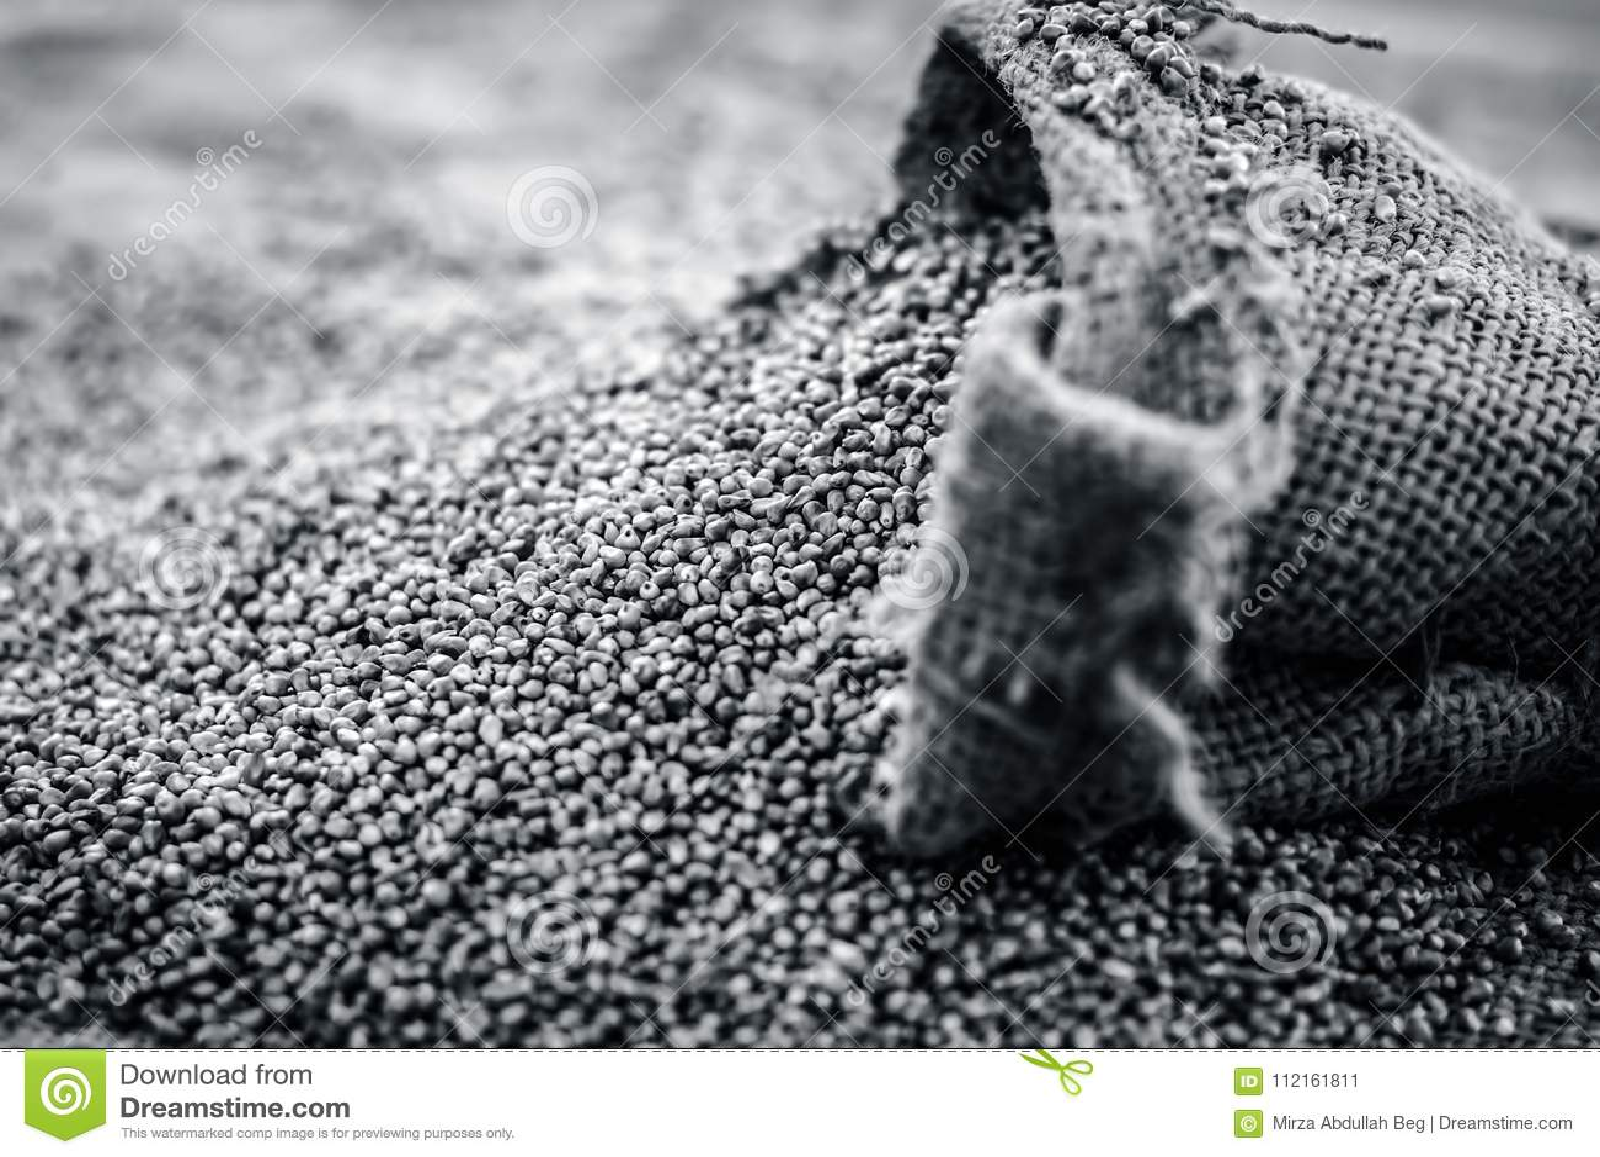 Ruwe organische Pennisetum-glaucum, Parelgierst die uit een jutezak komen Concept Honger